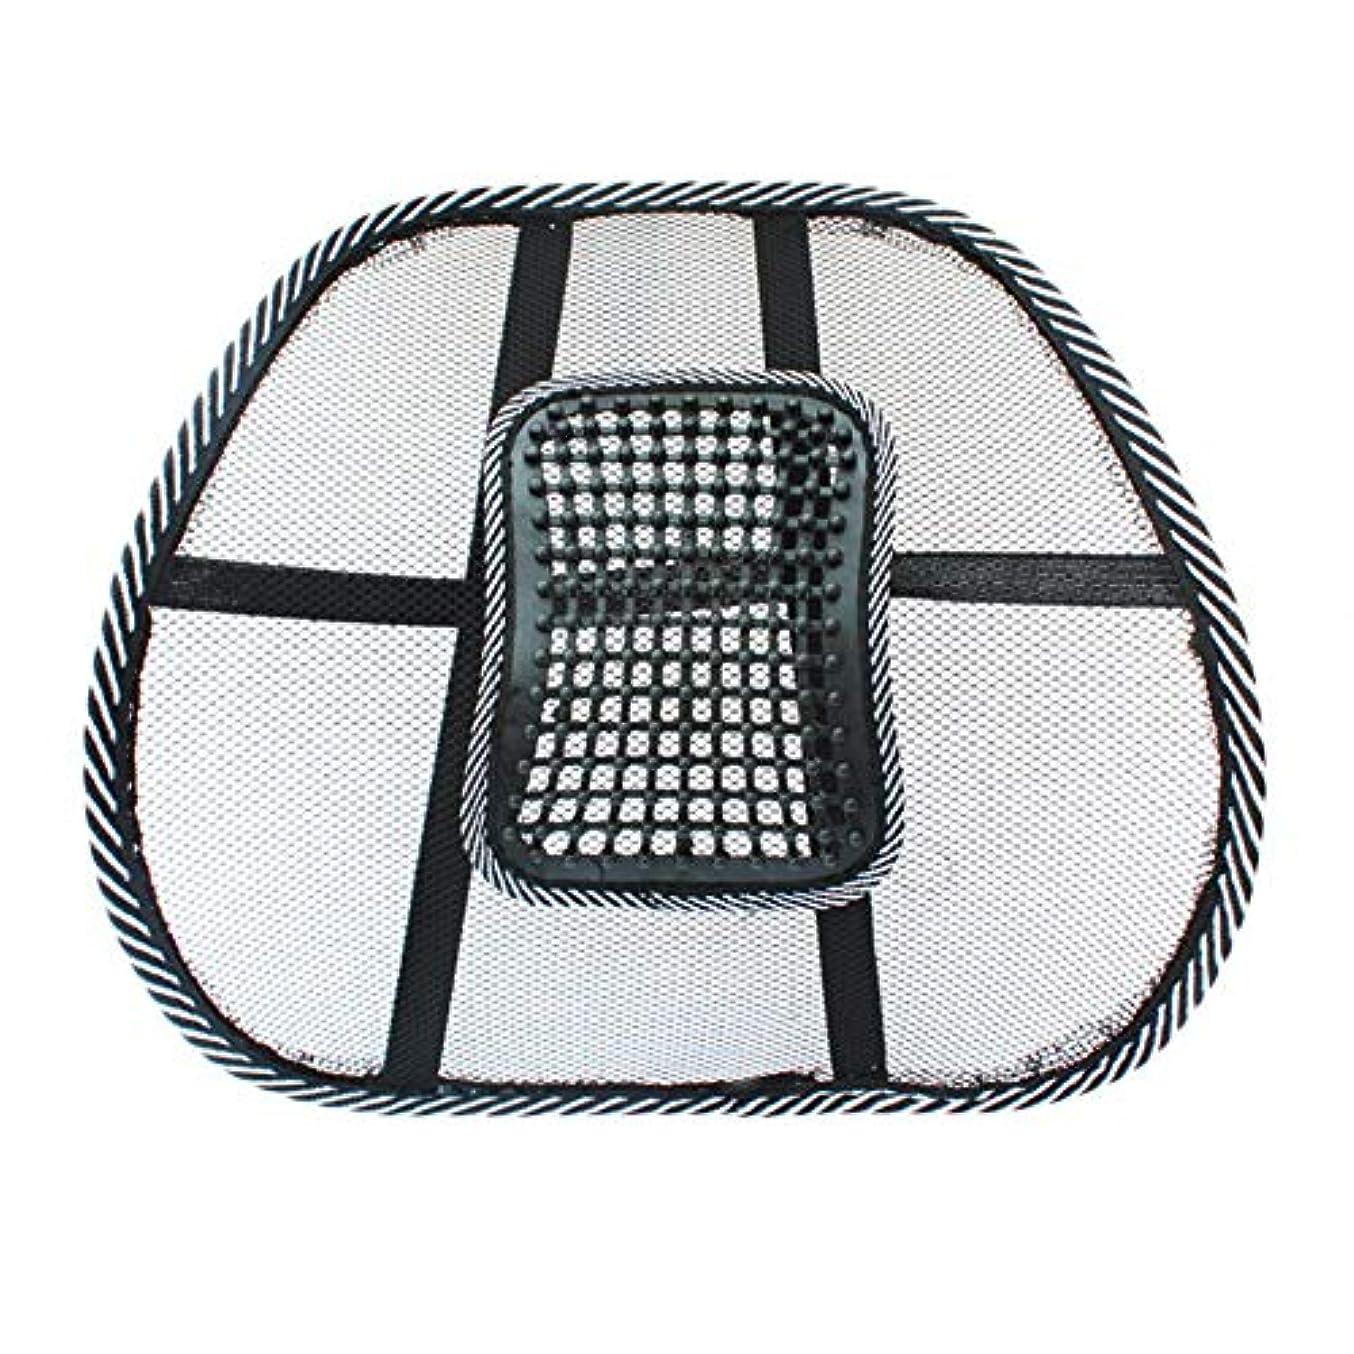 サバント薬用外科医チェアマッサージバックランバーサポートメッシュベンチレーションクッションパッドカーオフィスシート-Innovationo